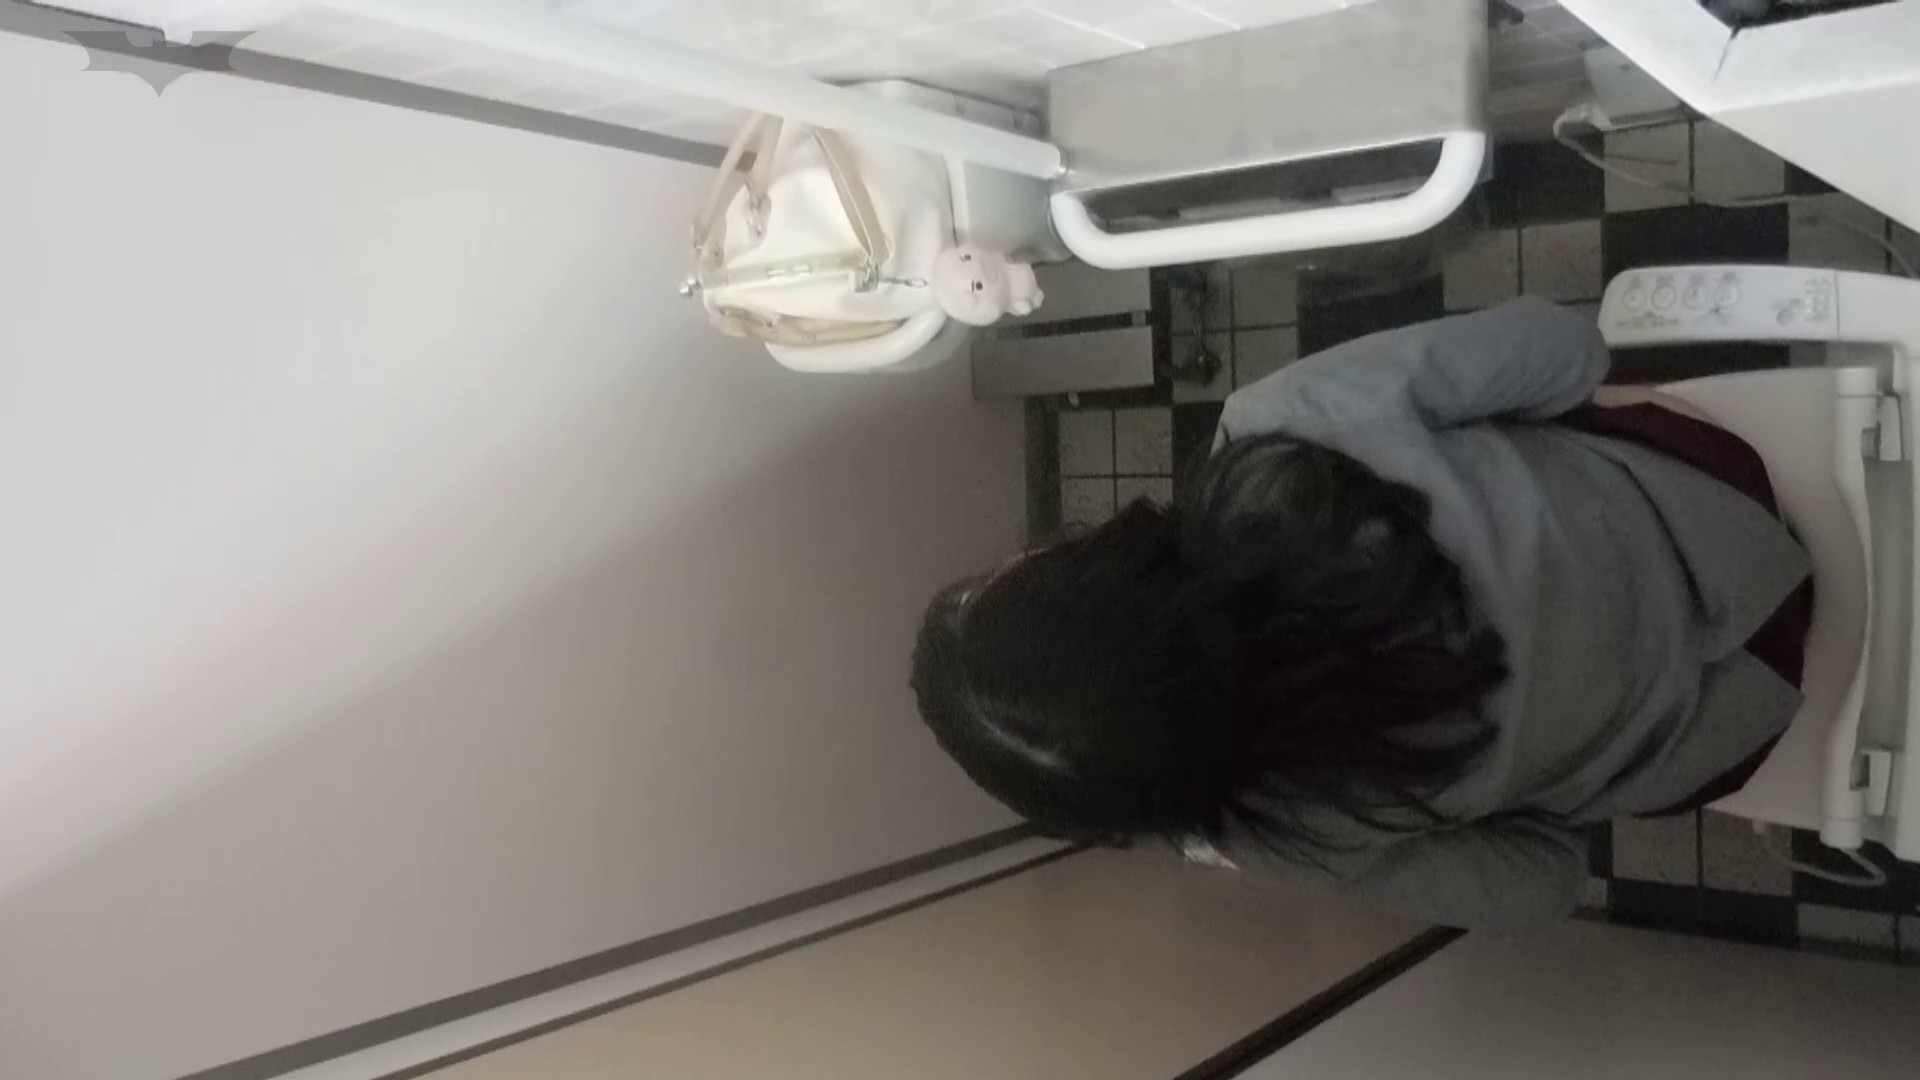 化粧室絵巻 駅舎編 VOL.21 ヨリドリミドリ!!選びたい放題です。 OLハメ撮り  80Pix 21